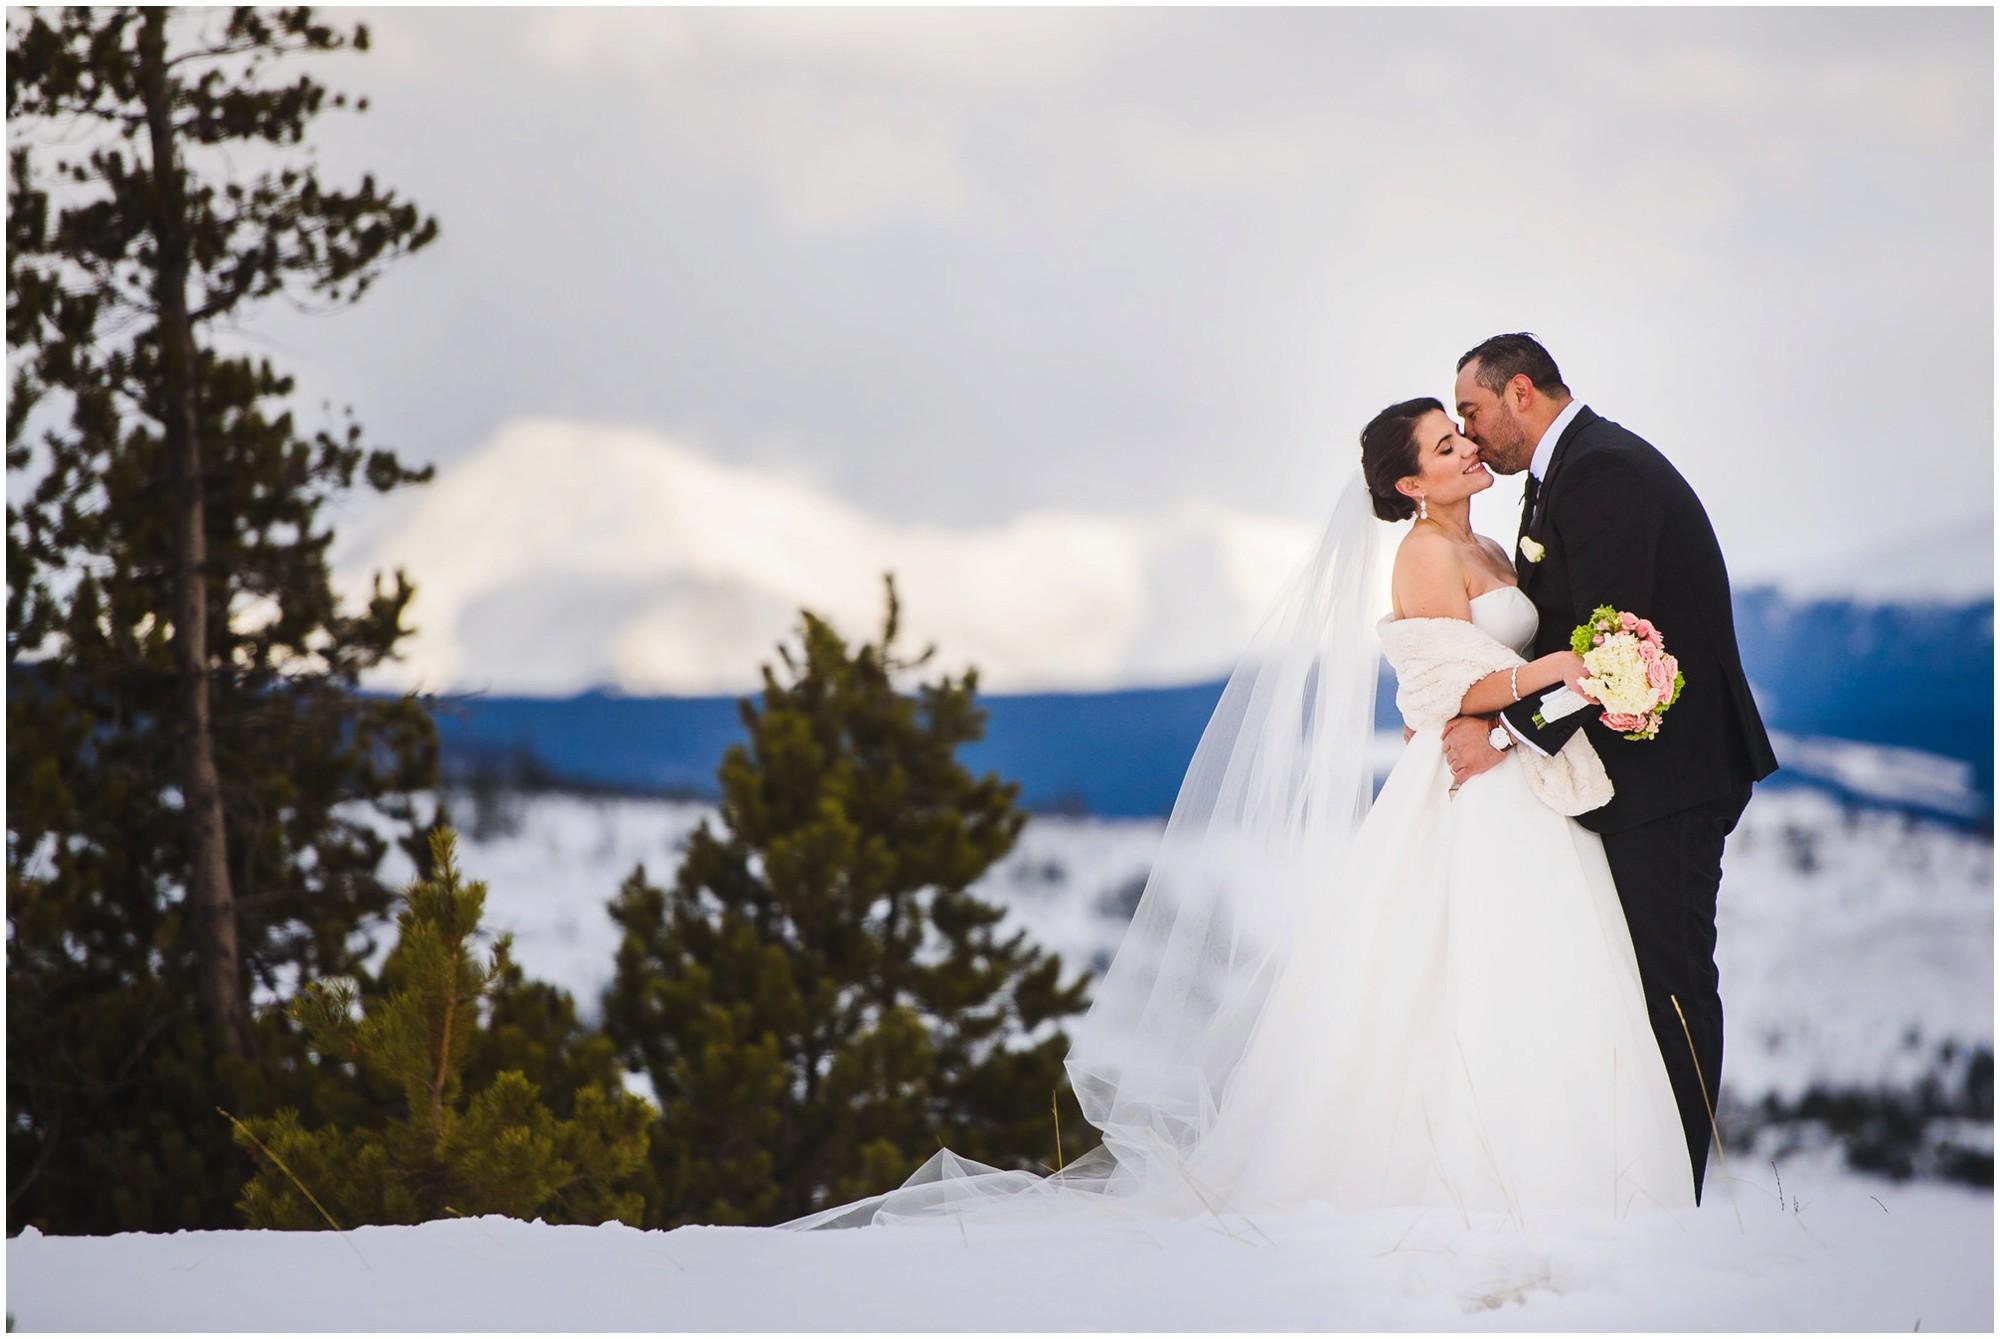 215-Lake-Dillon-Frisco-Colorado-winter-elopement.jpg